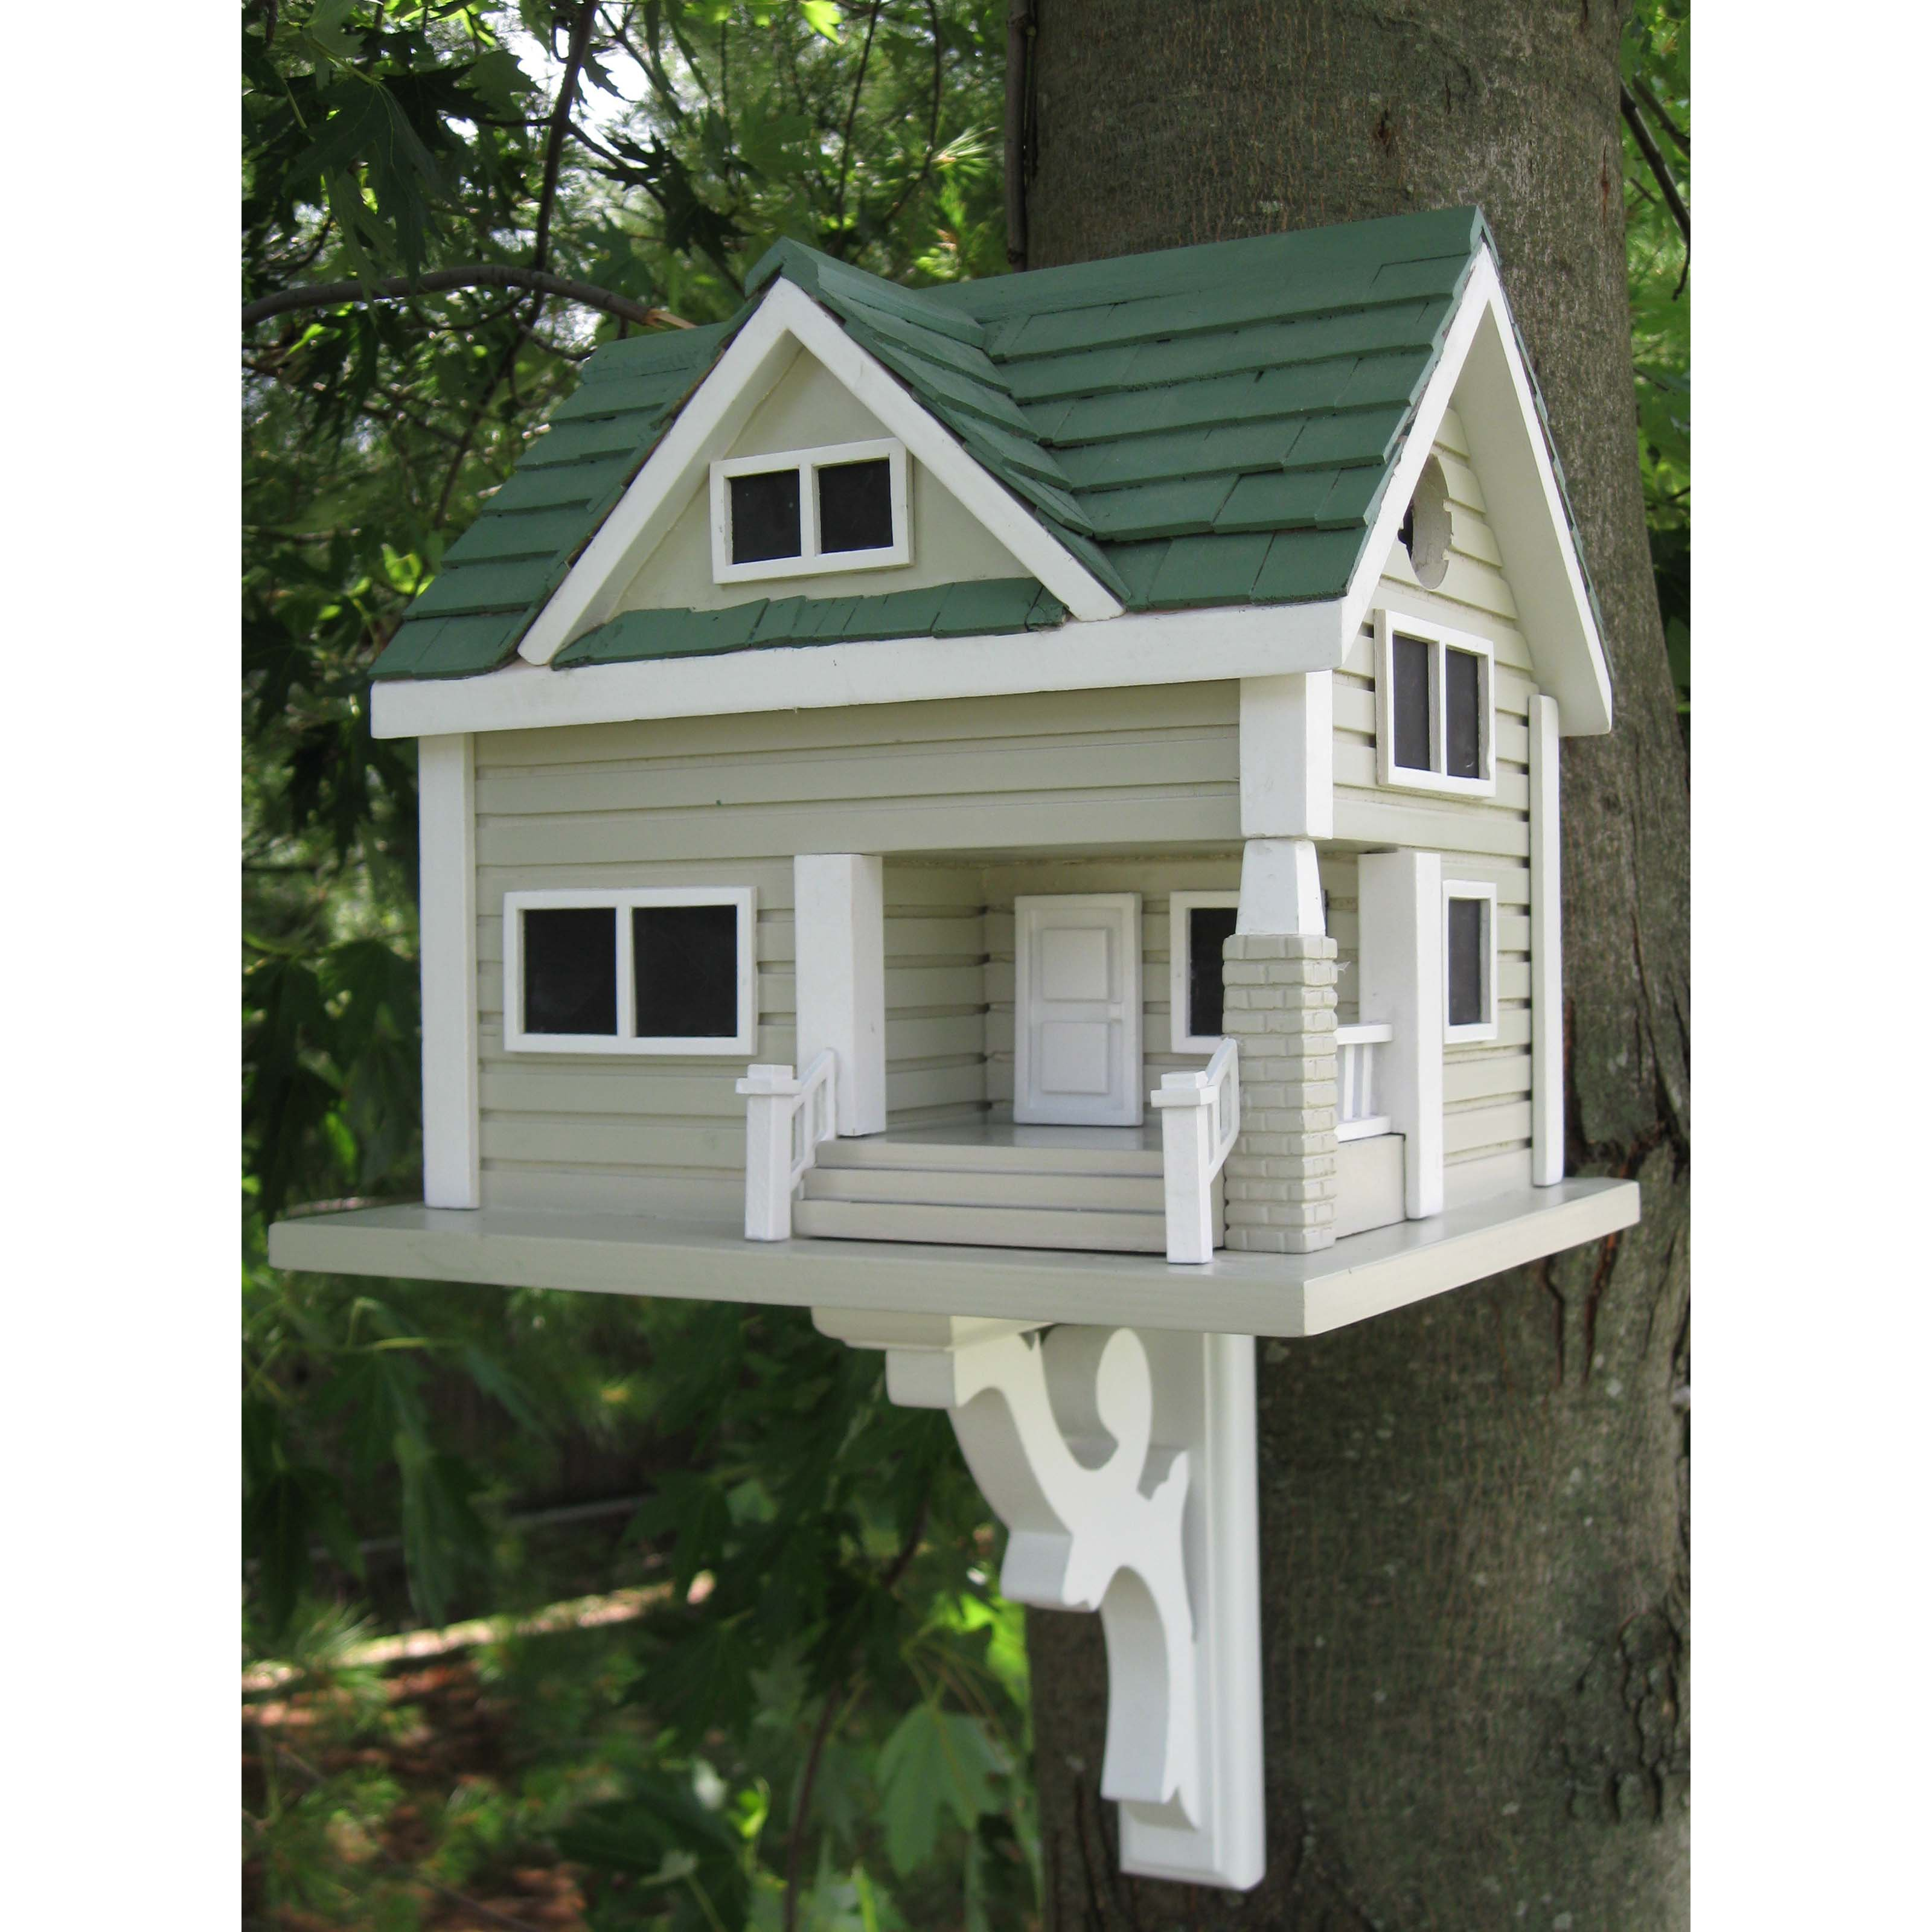 Home Bazaar Bungalow Birdhouse by Home Bazaar Inc.